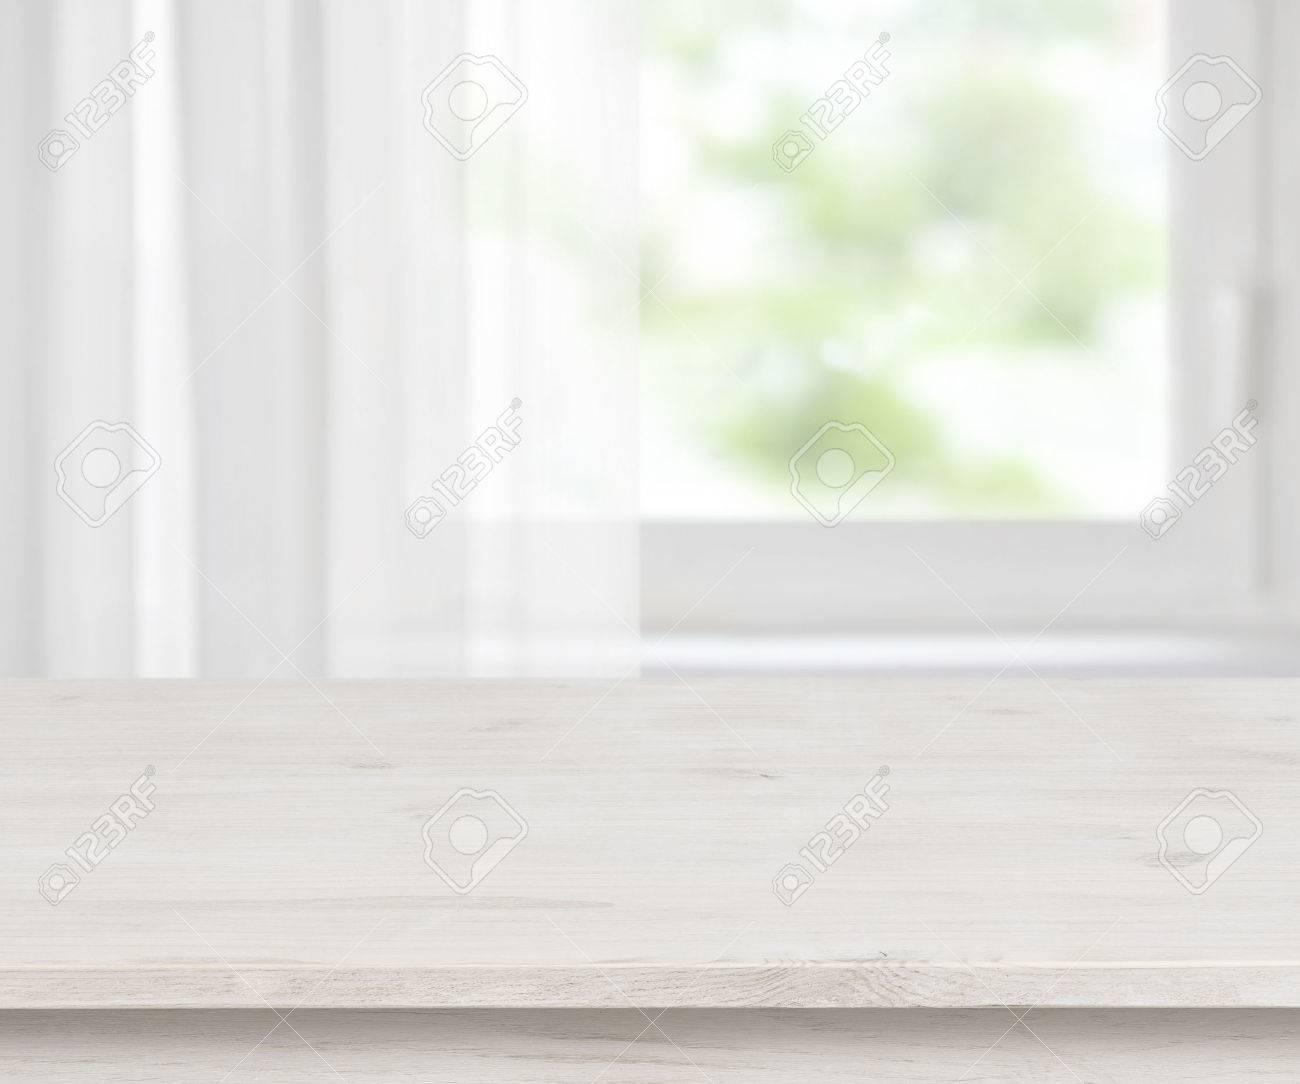 surface de la table en bois sur defocused demi rideaux fond de la fenetre